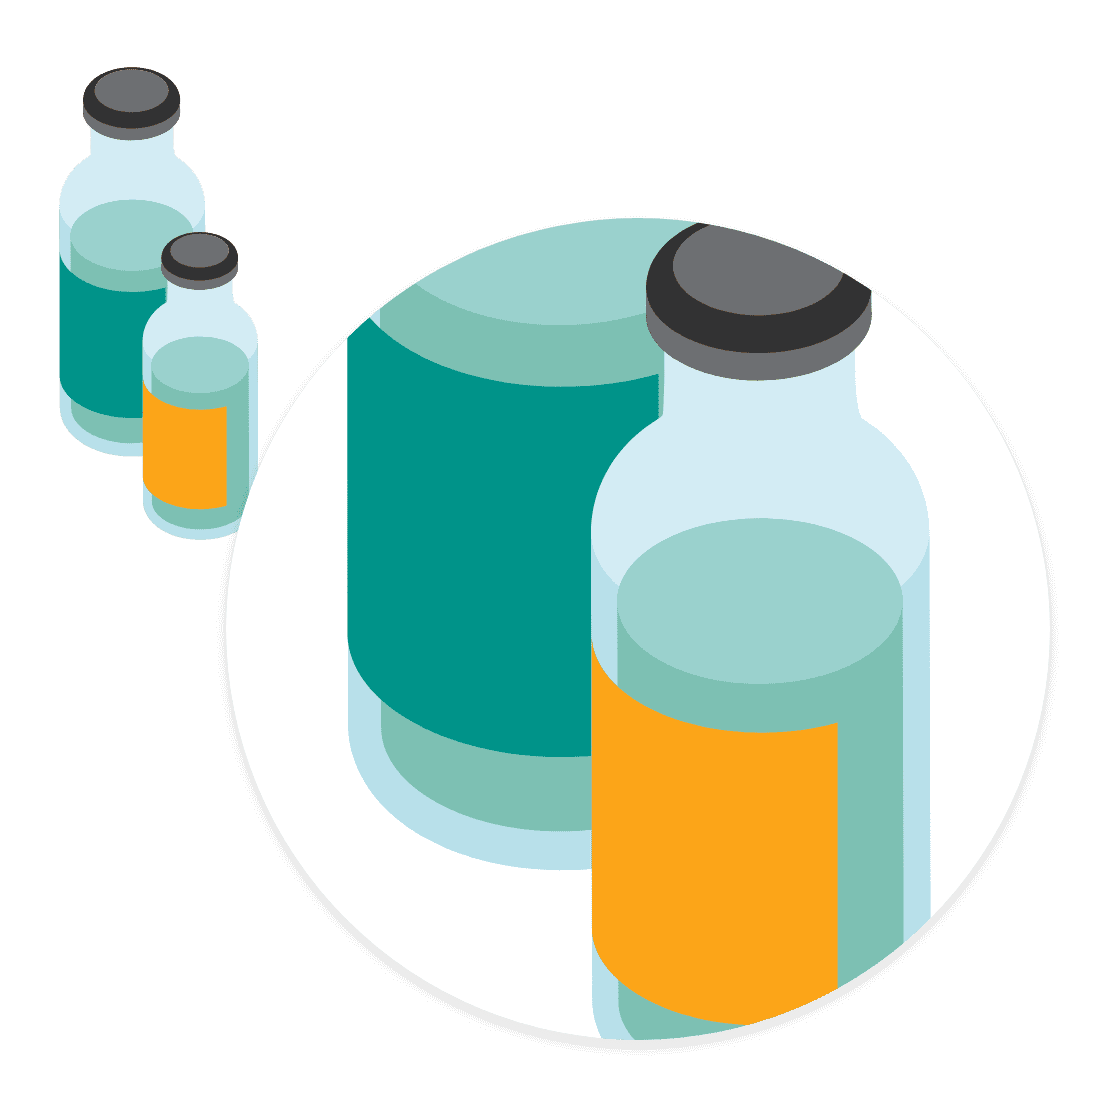 消毒液容器の<br /> ラベル